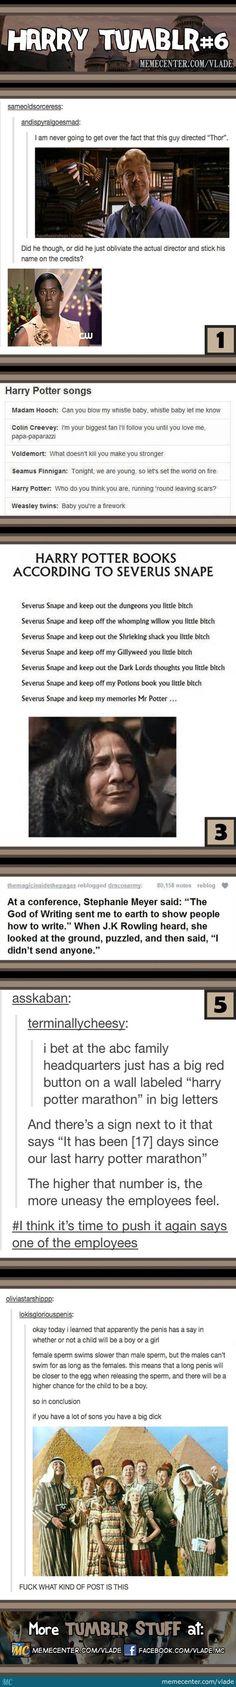 Harry Potter tumblr 6: